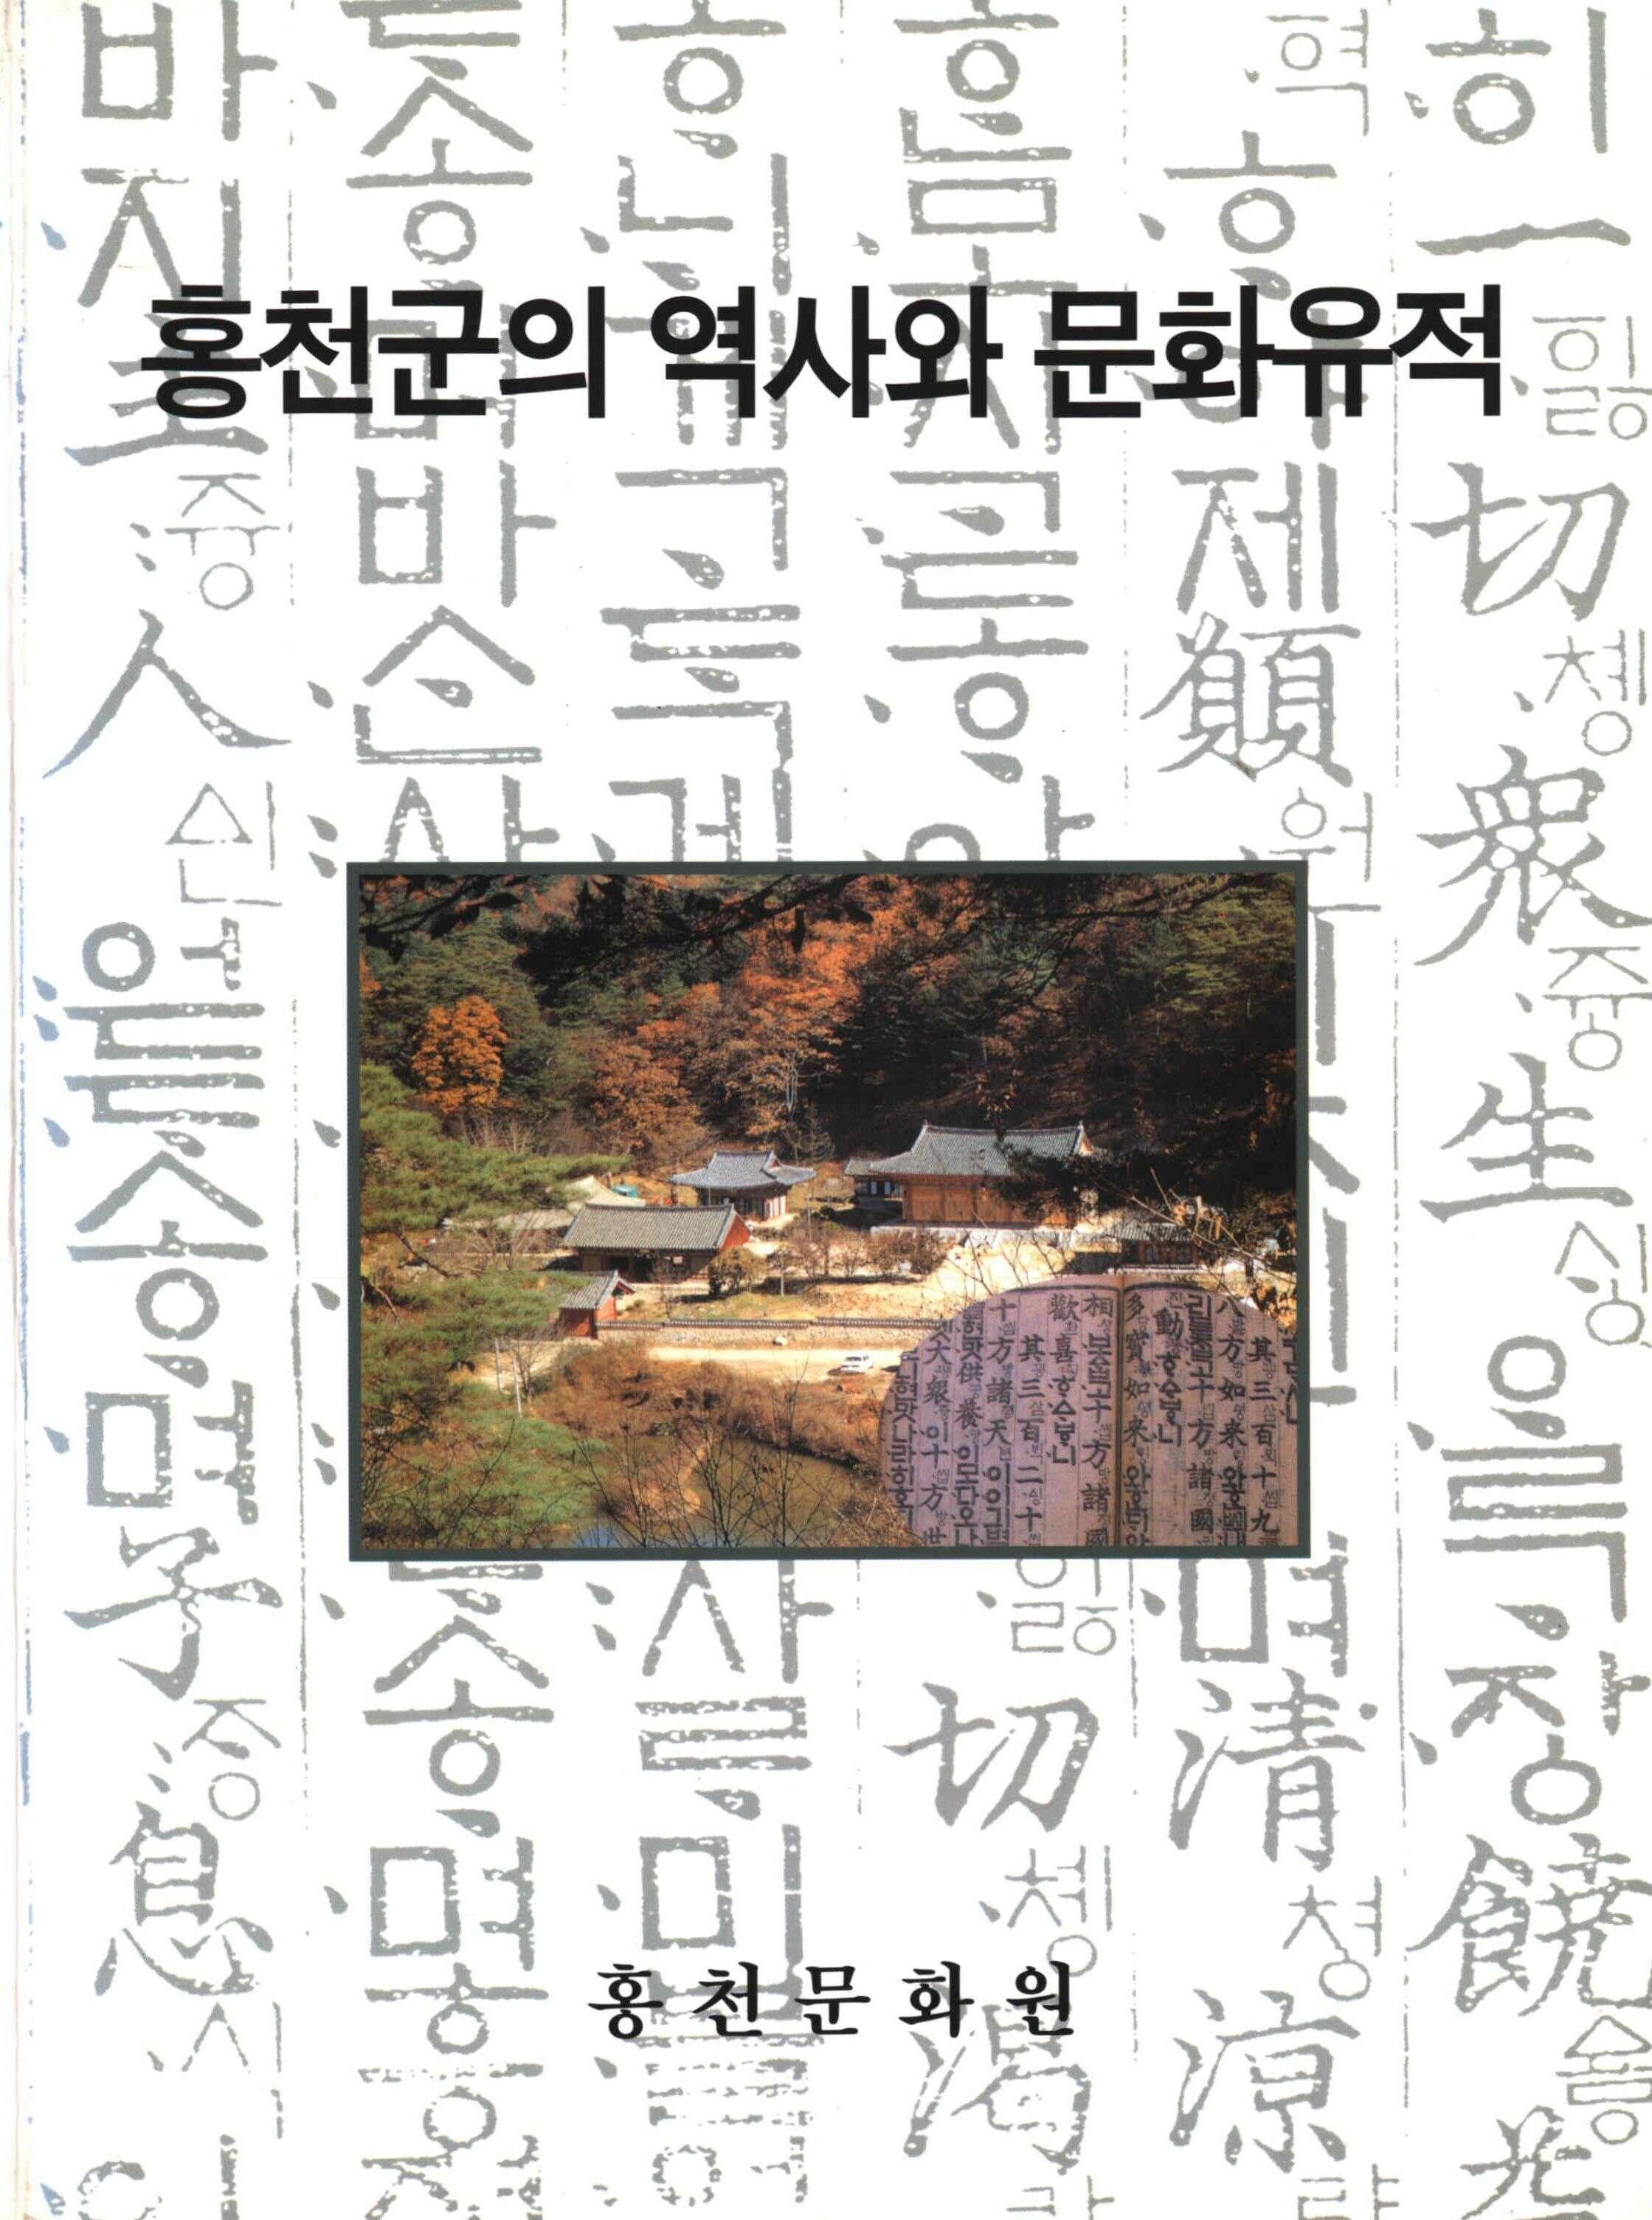 홍천군의 역사와 문화유적